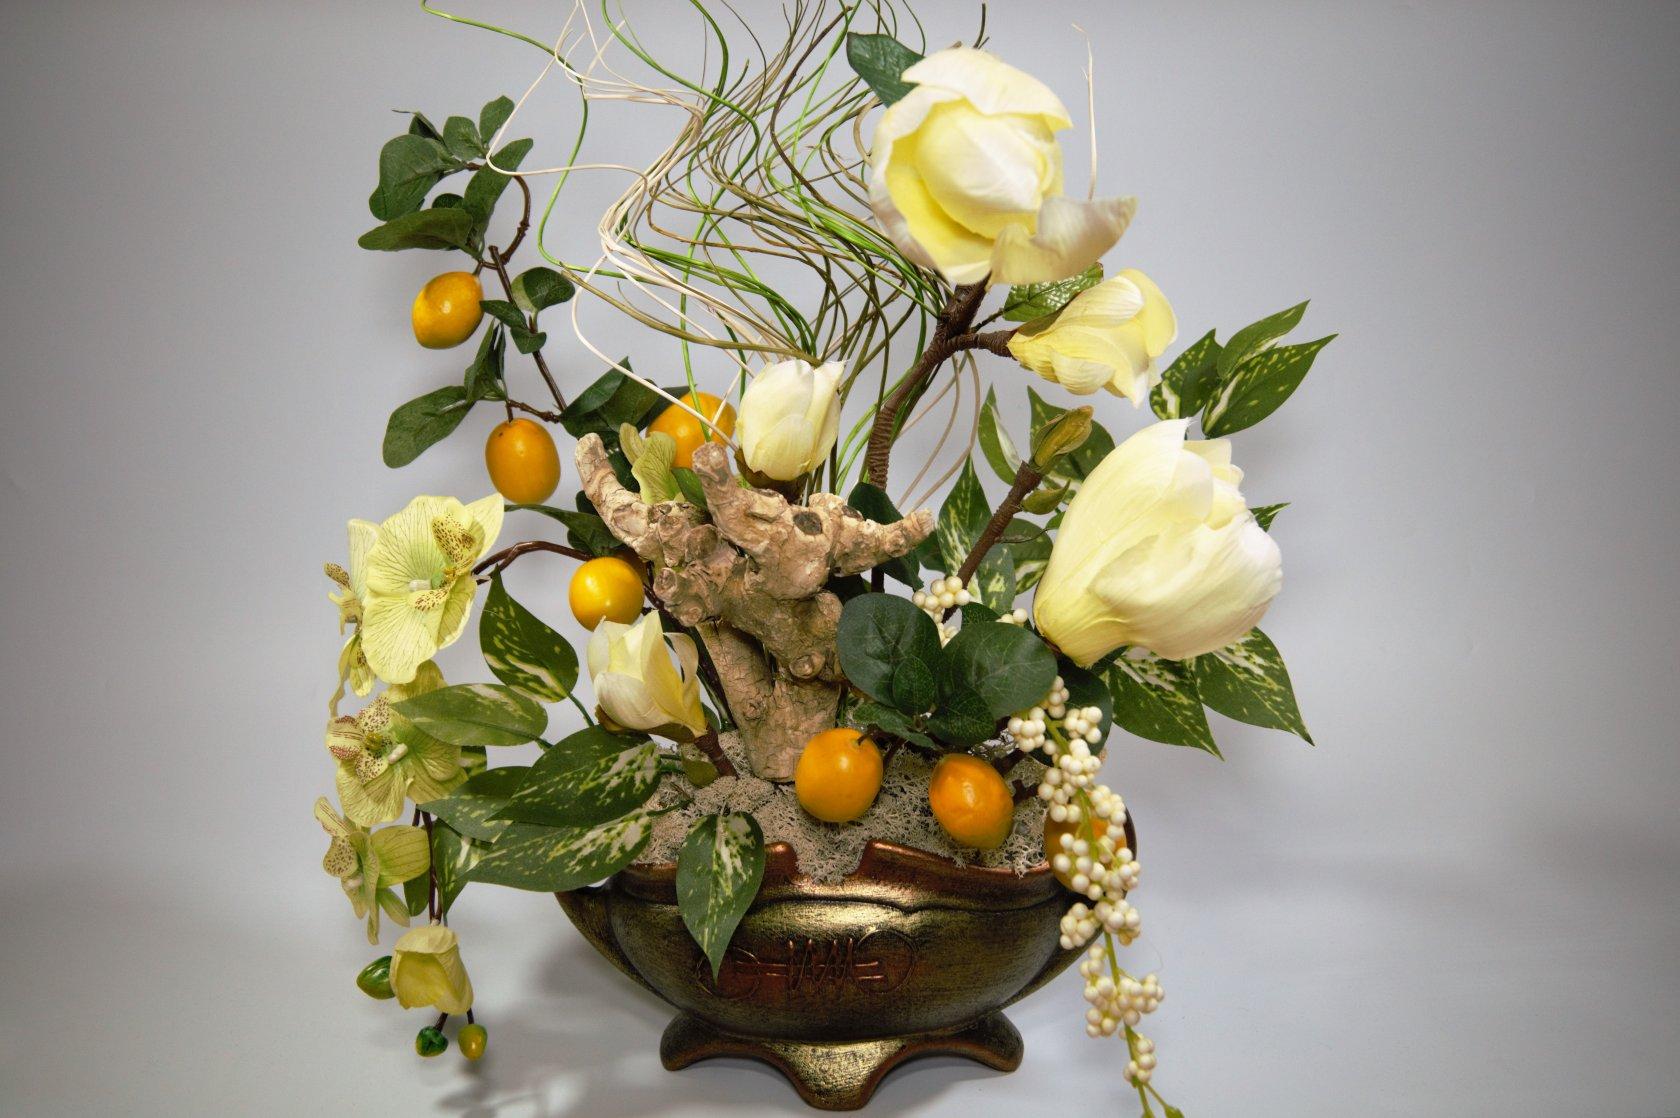 Цветов, букет композиции оформить цветов своими руками